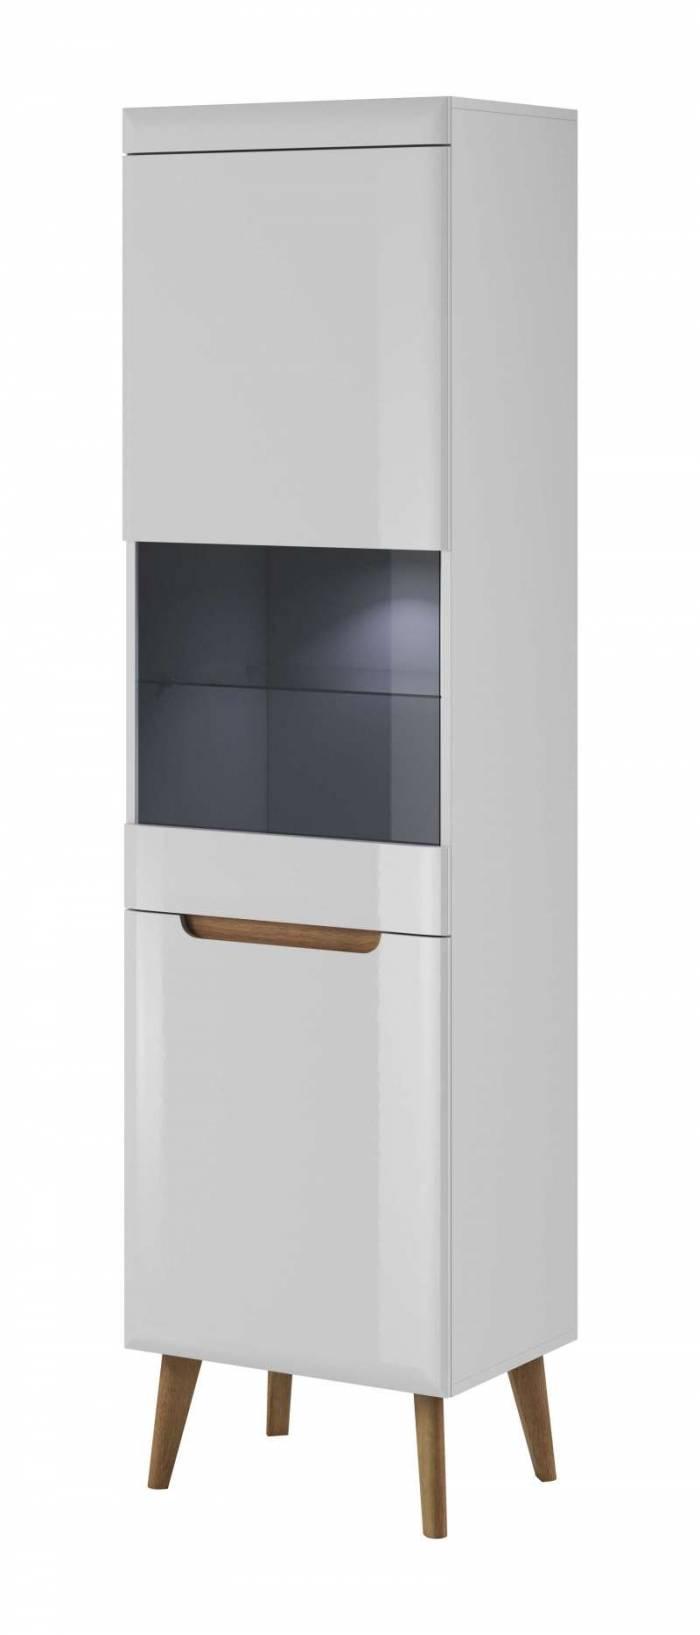 Vitrină înaltă cu uși Alix, 197x53x40 cm, pal/ mdf/ lemn de stejar/sticla, maro/ alb